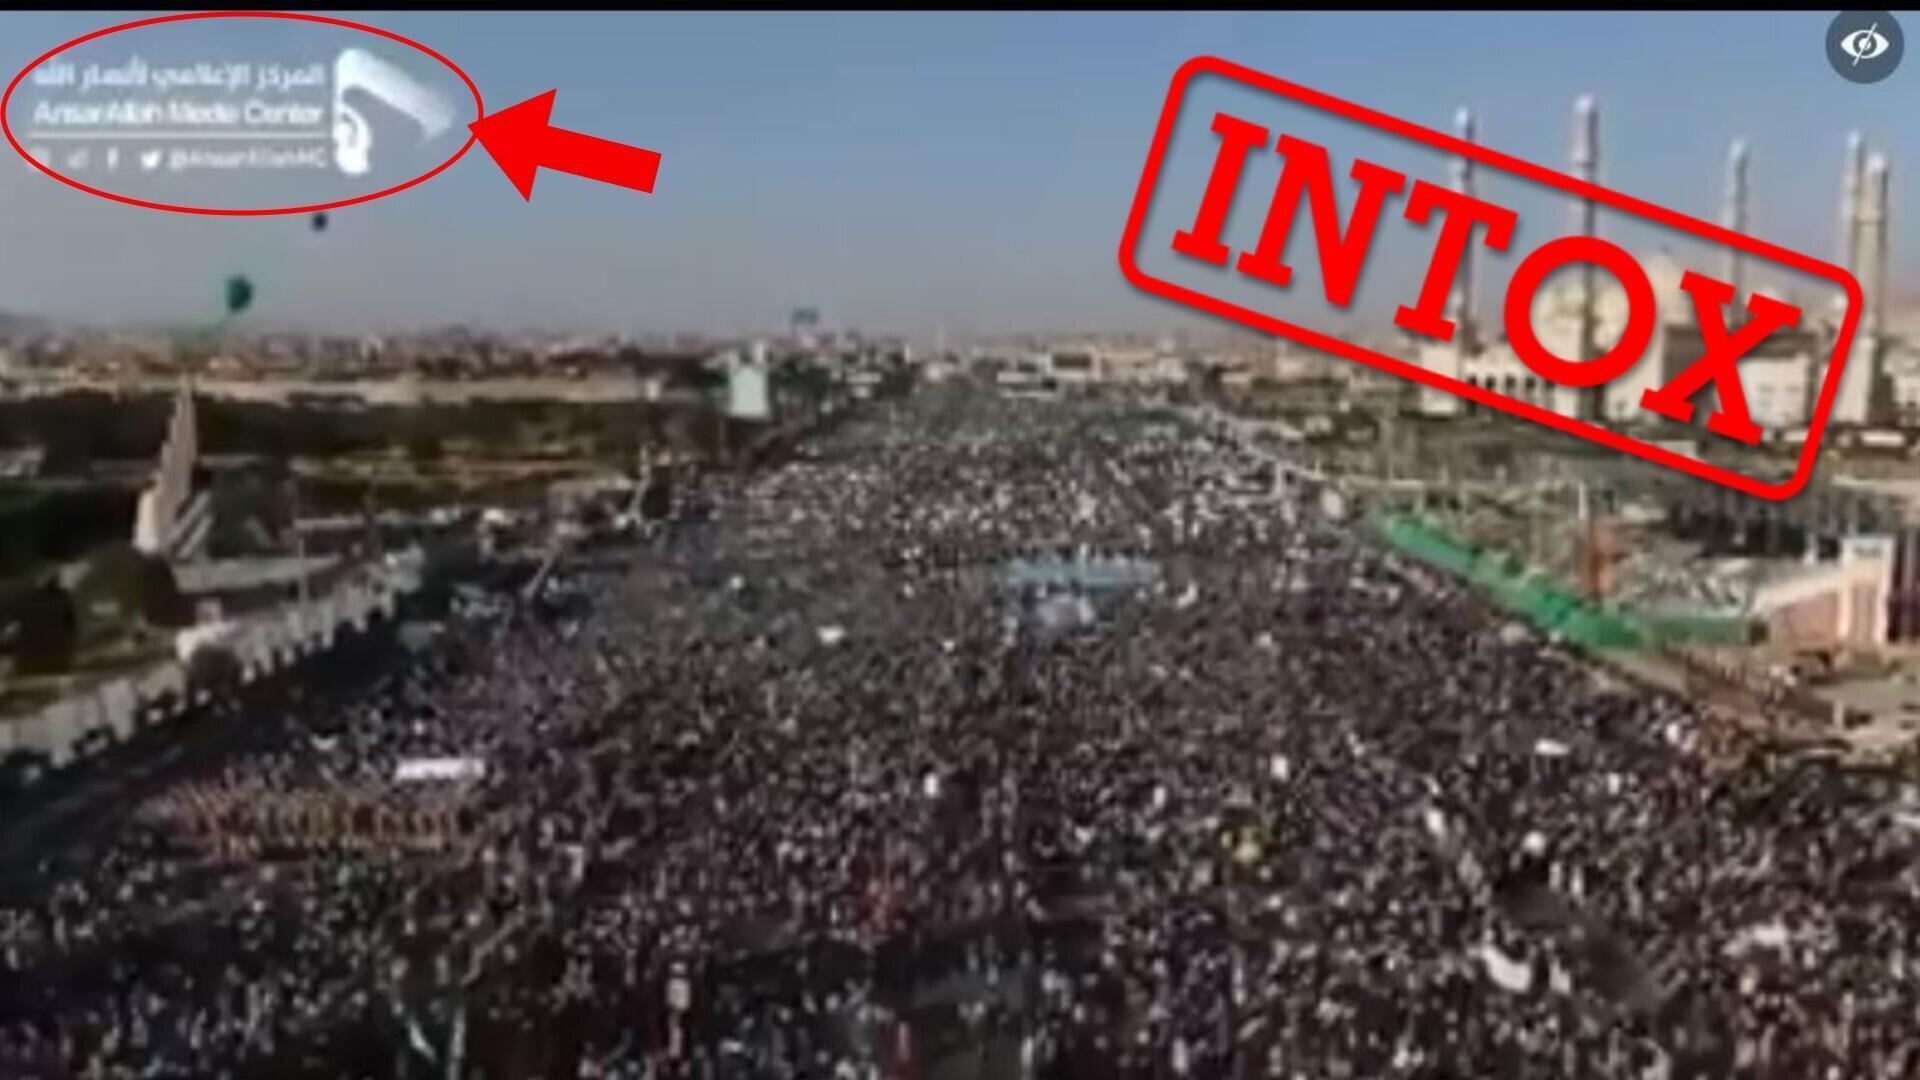 Ce grand rassemblement n'a pas été filmé à Istanbul en 2020, mais à Sanaa (Yémen) en 2019, à l'occasion de la fête de l'anniversaire de Mahomet. Capture d'écran Facebook.